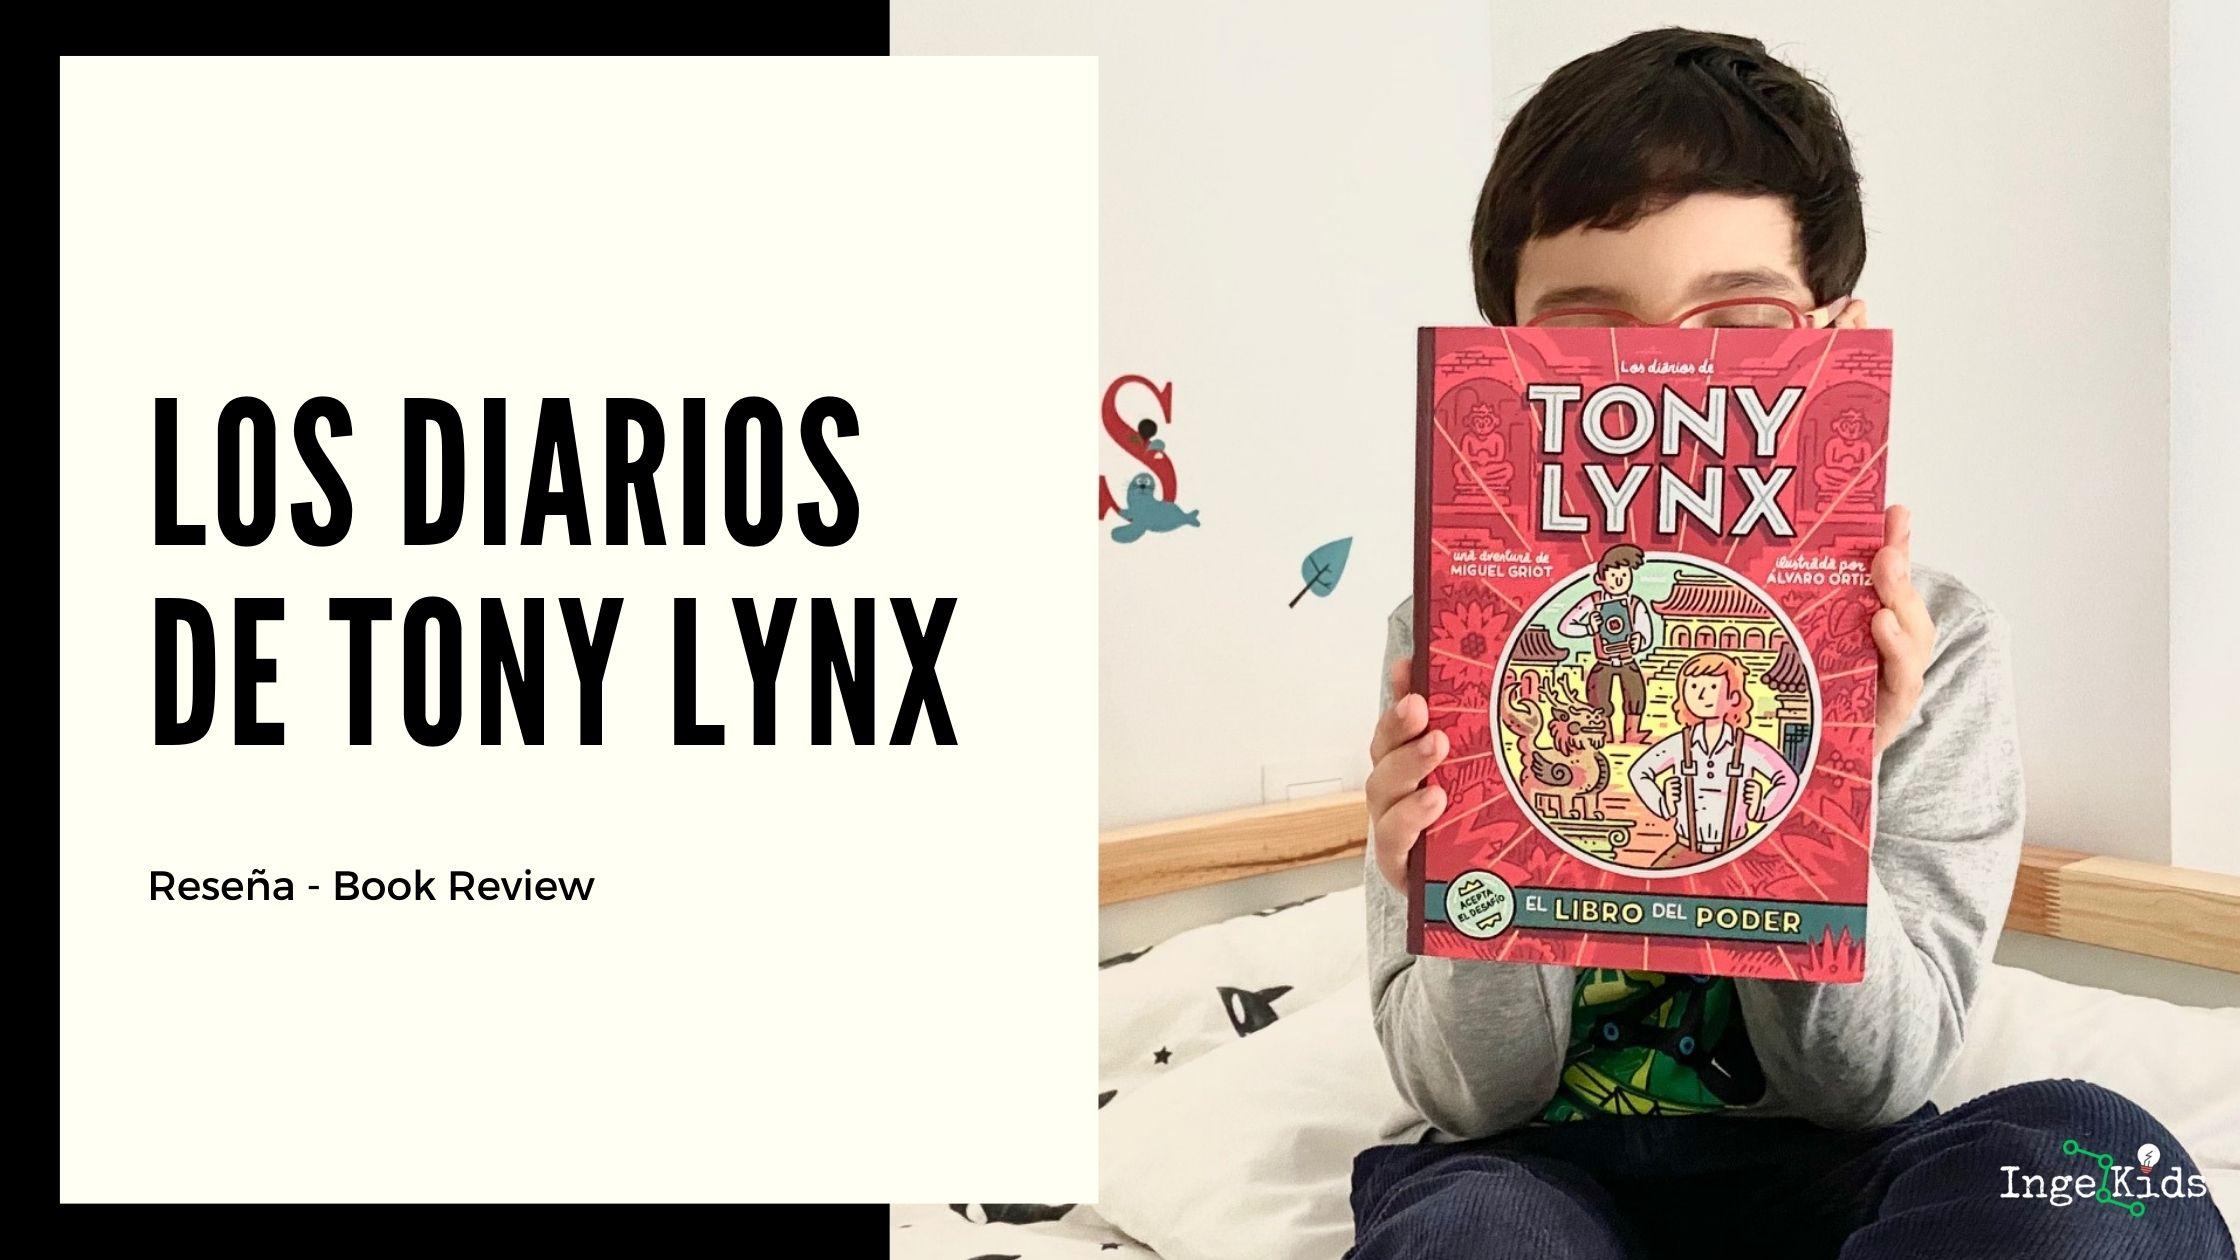 los diarios de tony lynx